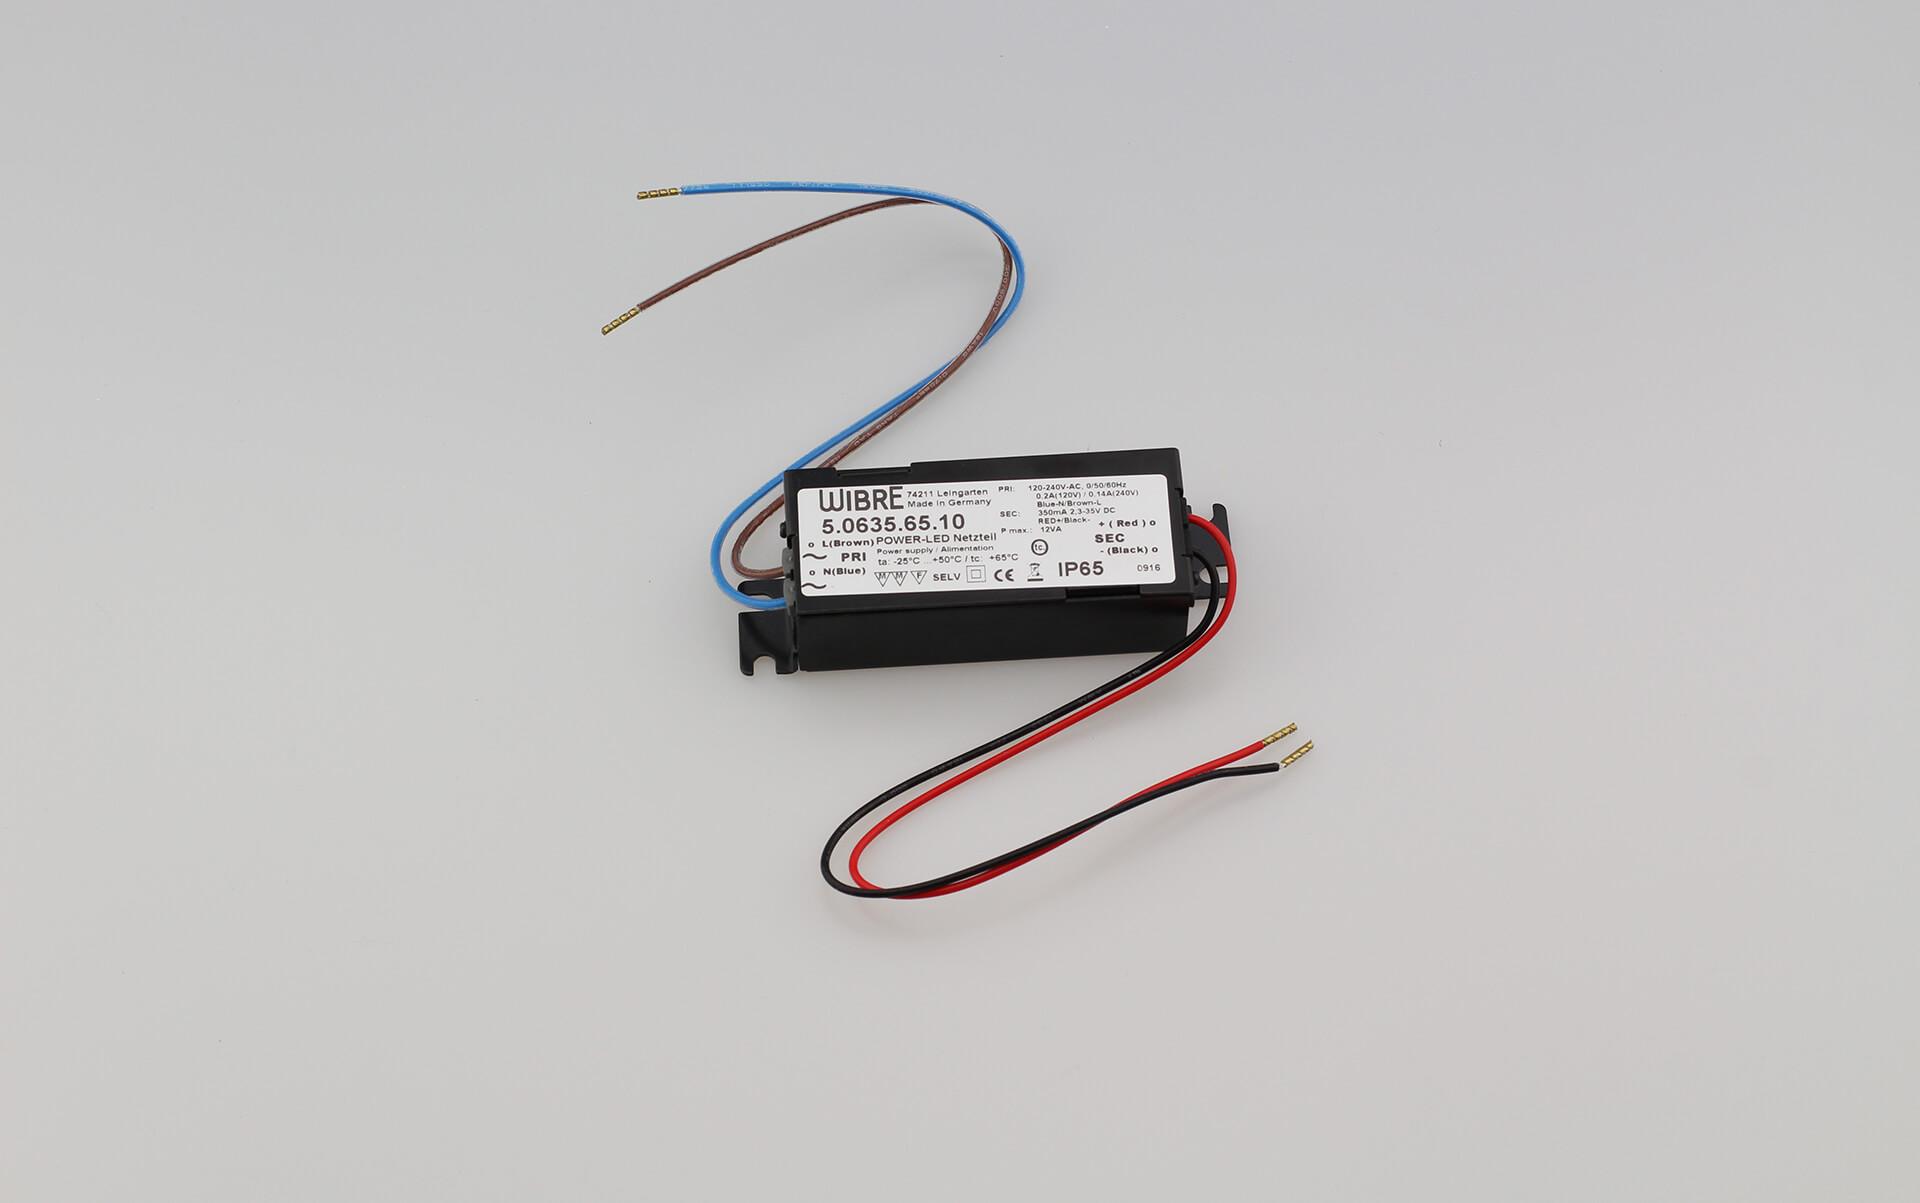 Product 506356510 Wibre Power Led Circuit Description